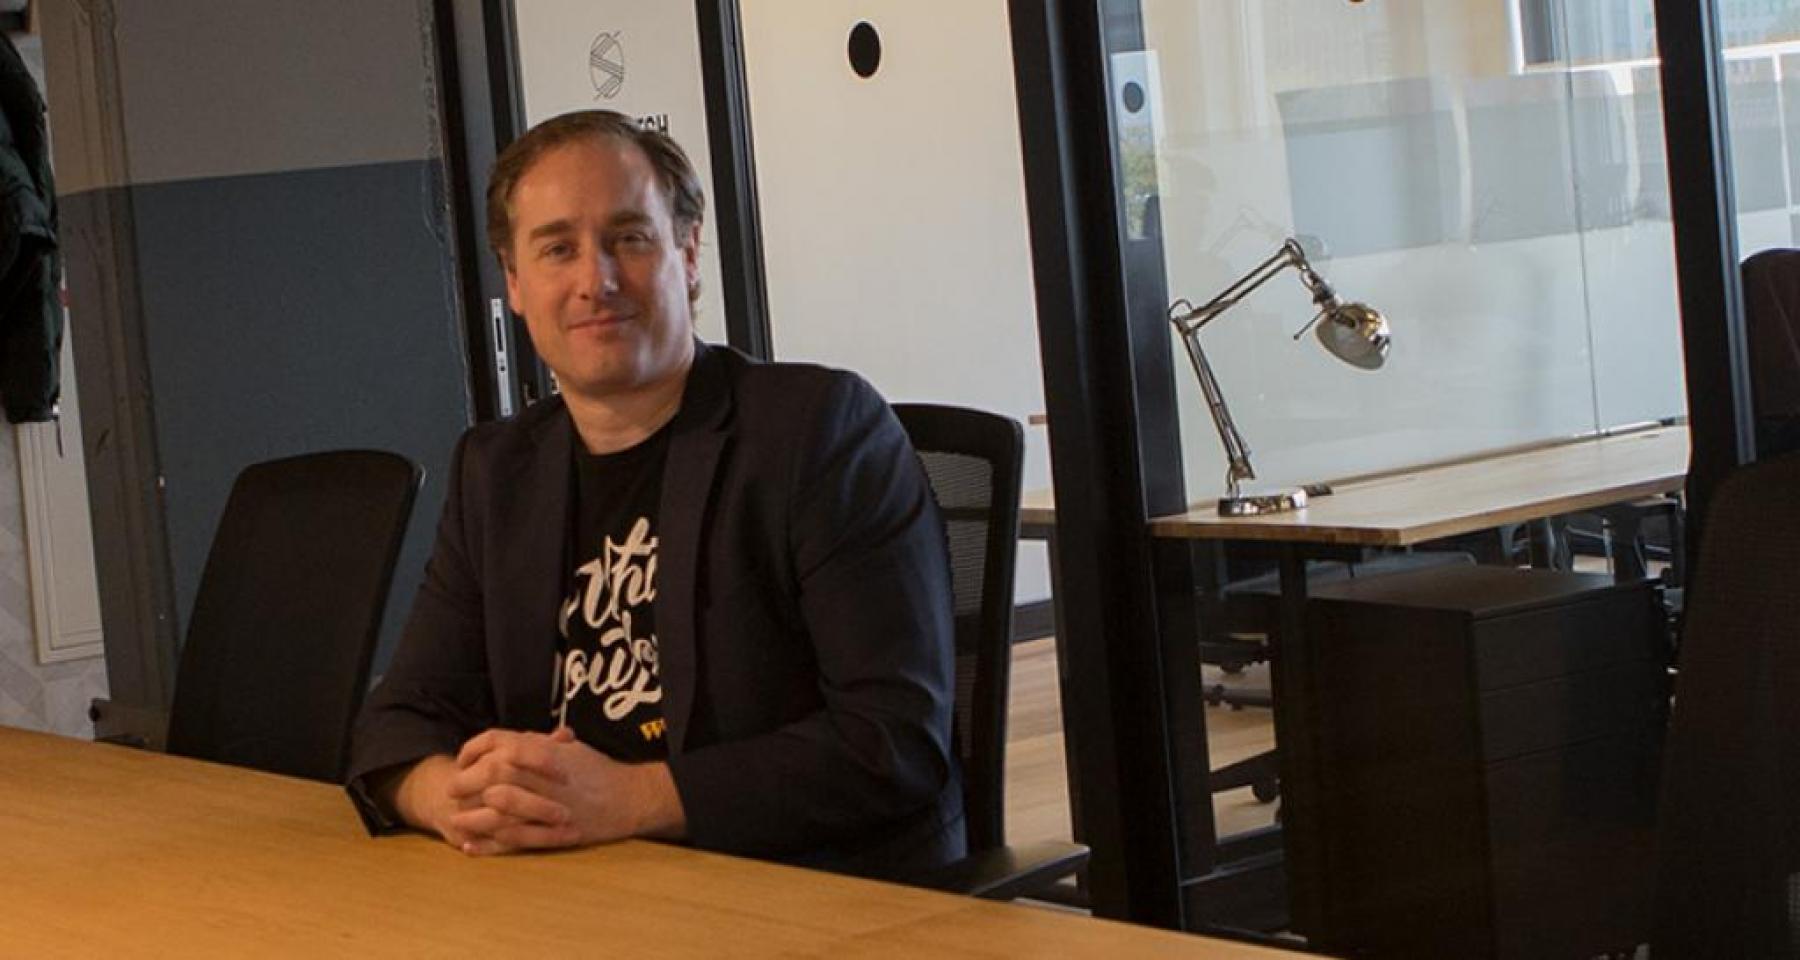 wybo wijnbergen wework skepp sessie interview mattijs kaak